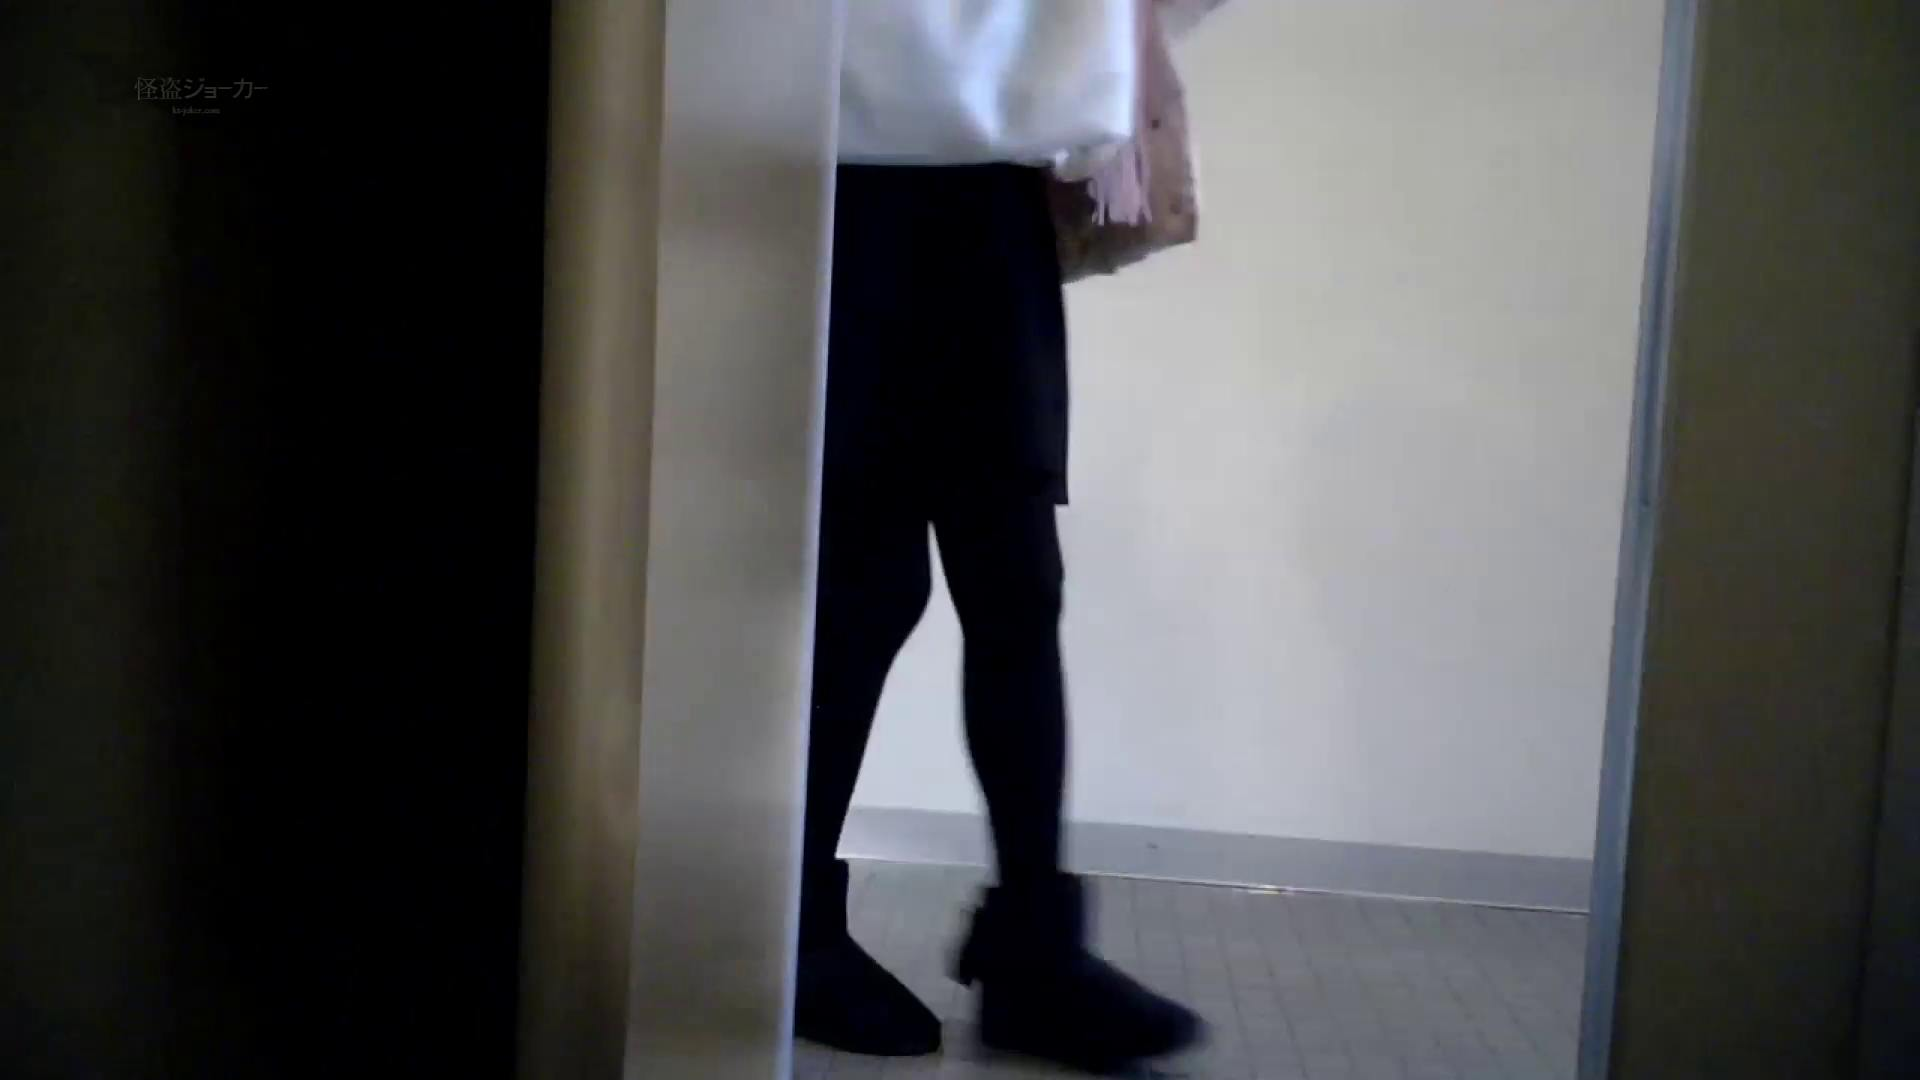 有名大学女性洗面所 vol.57 S級美女マルチアングル撮り!! 排泄 おまんこ動画流出 103pic 87